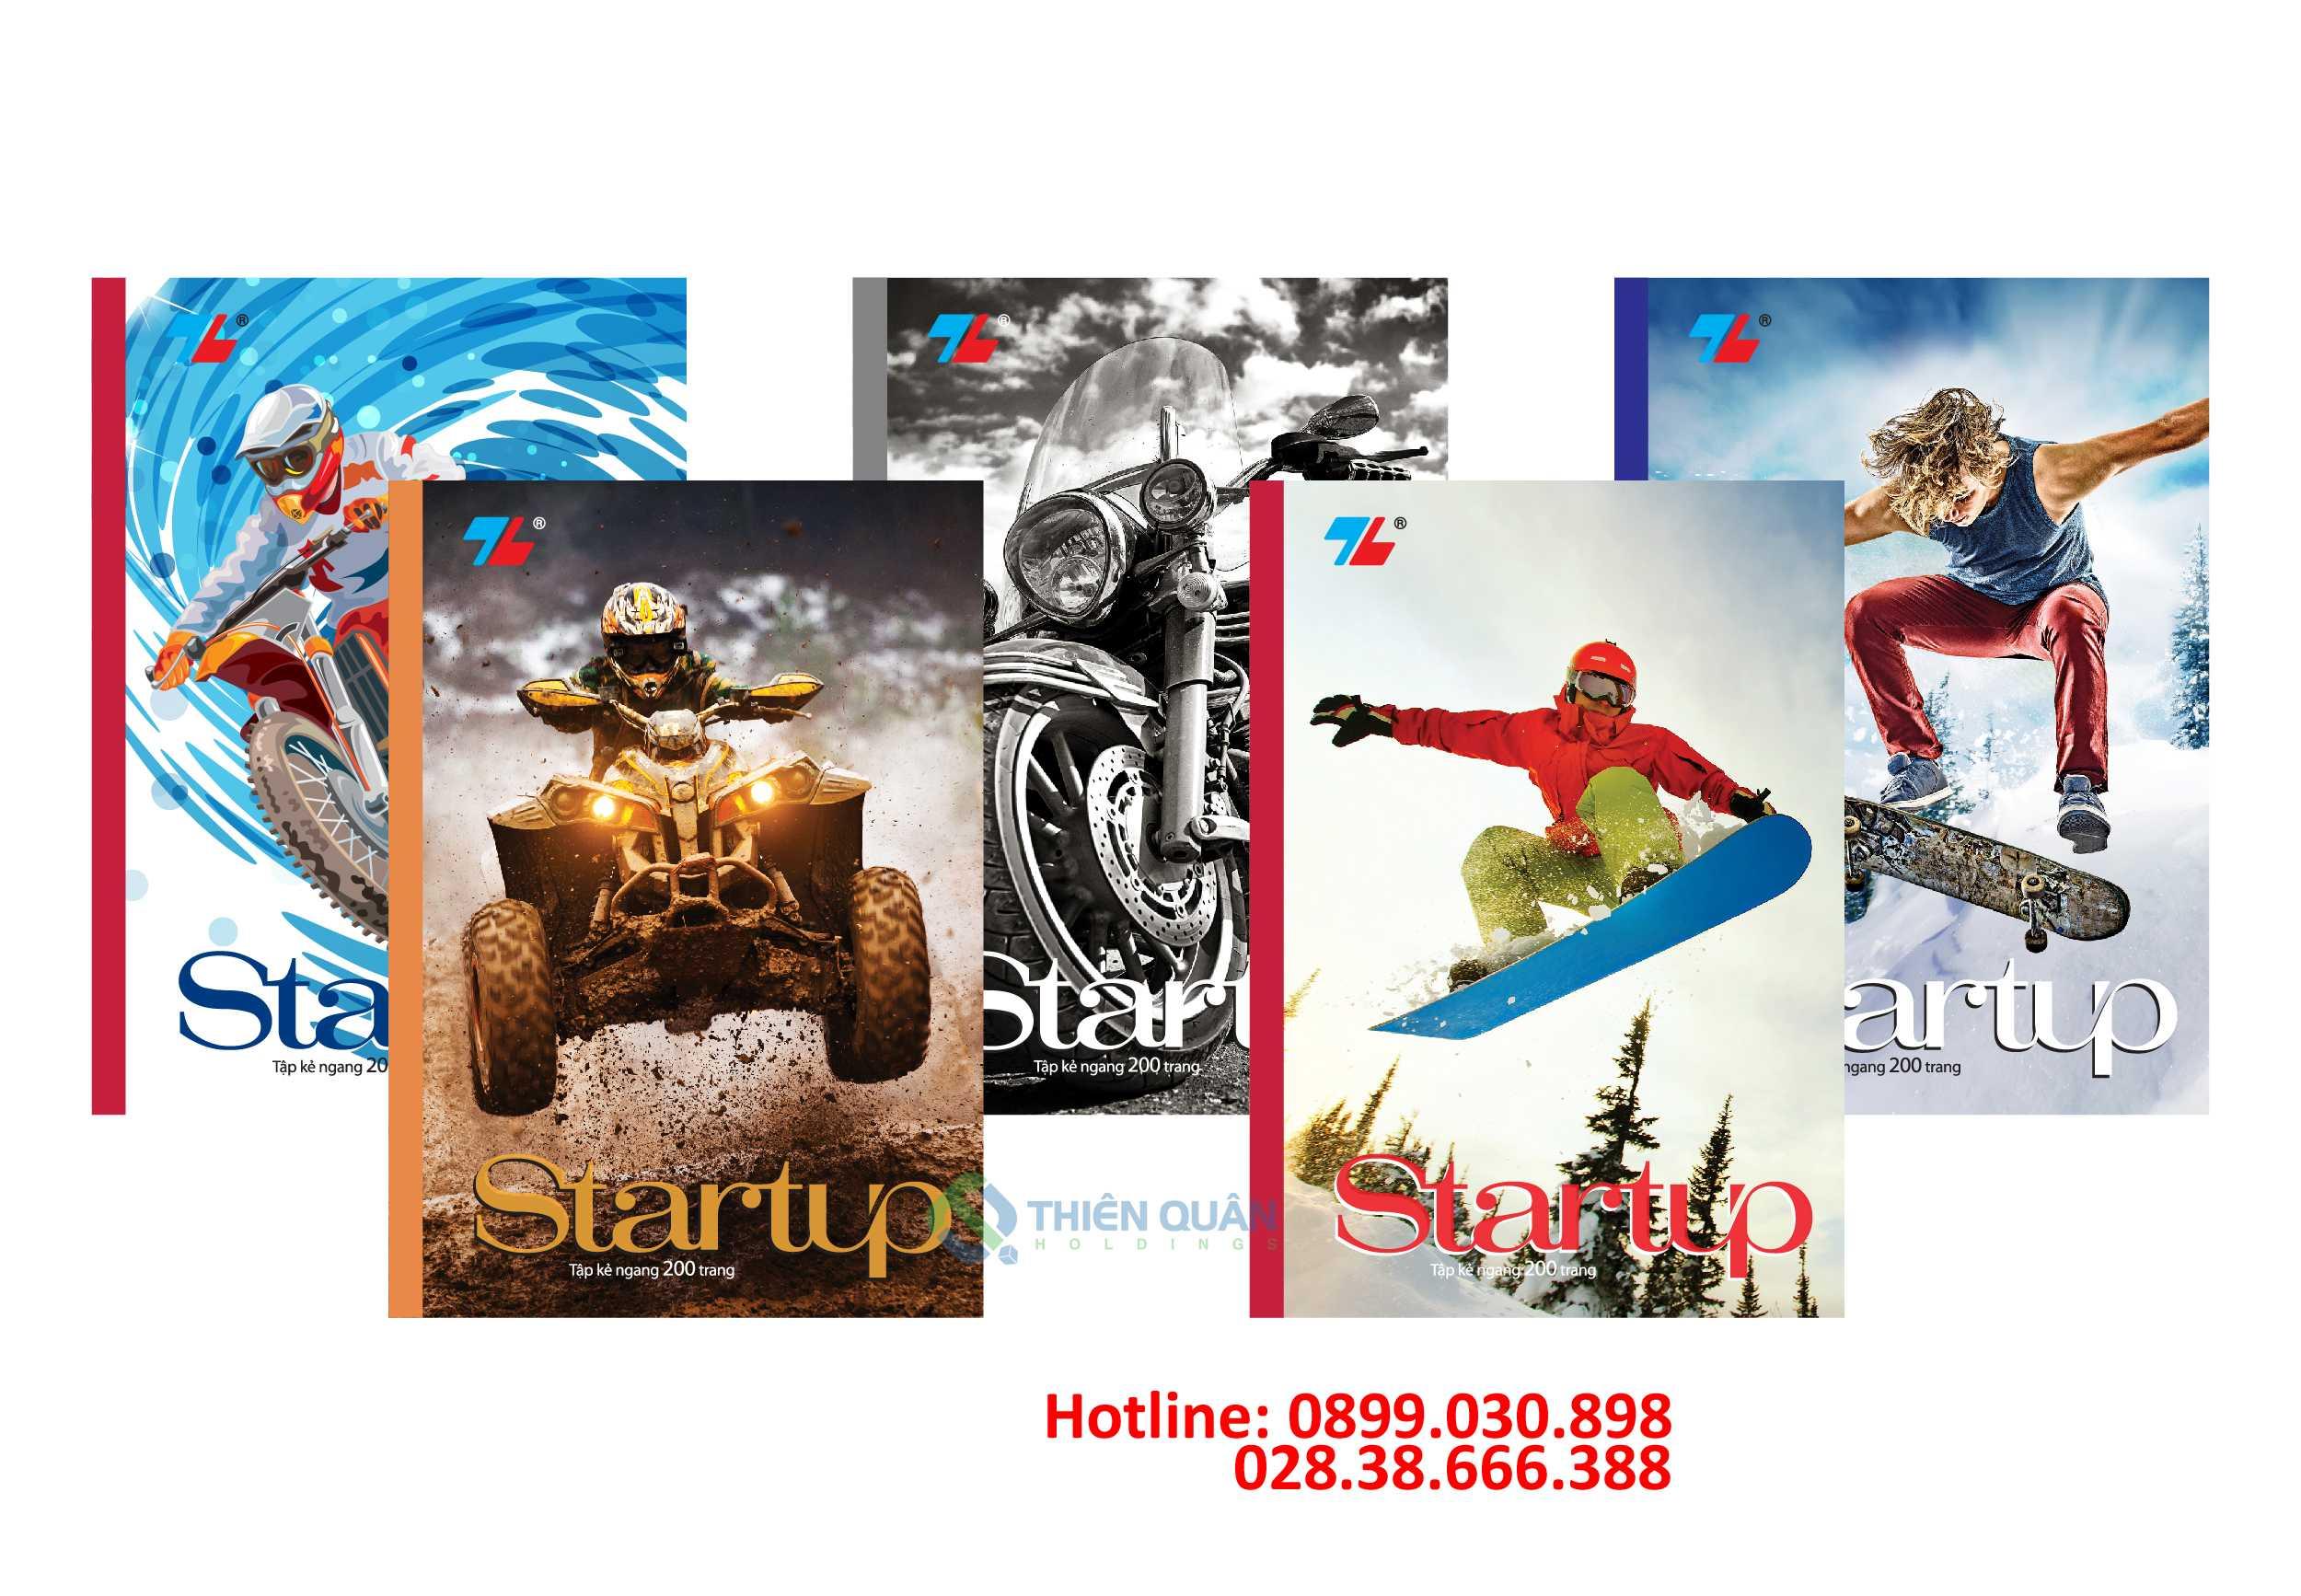 Tập NB-094 Start-up (200T-kẻ ngang sm)